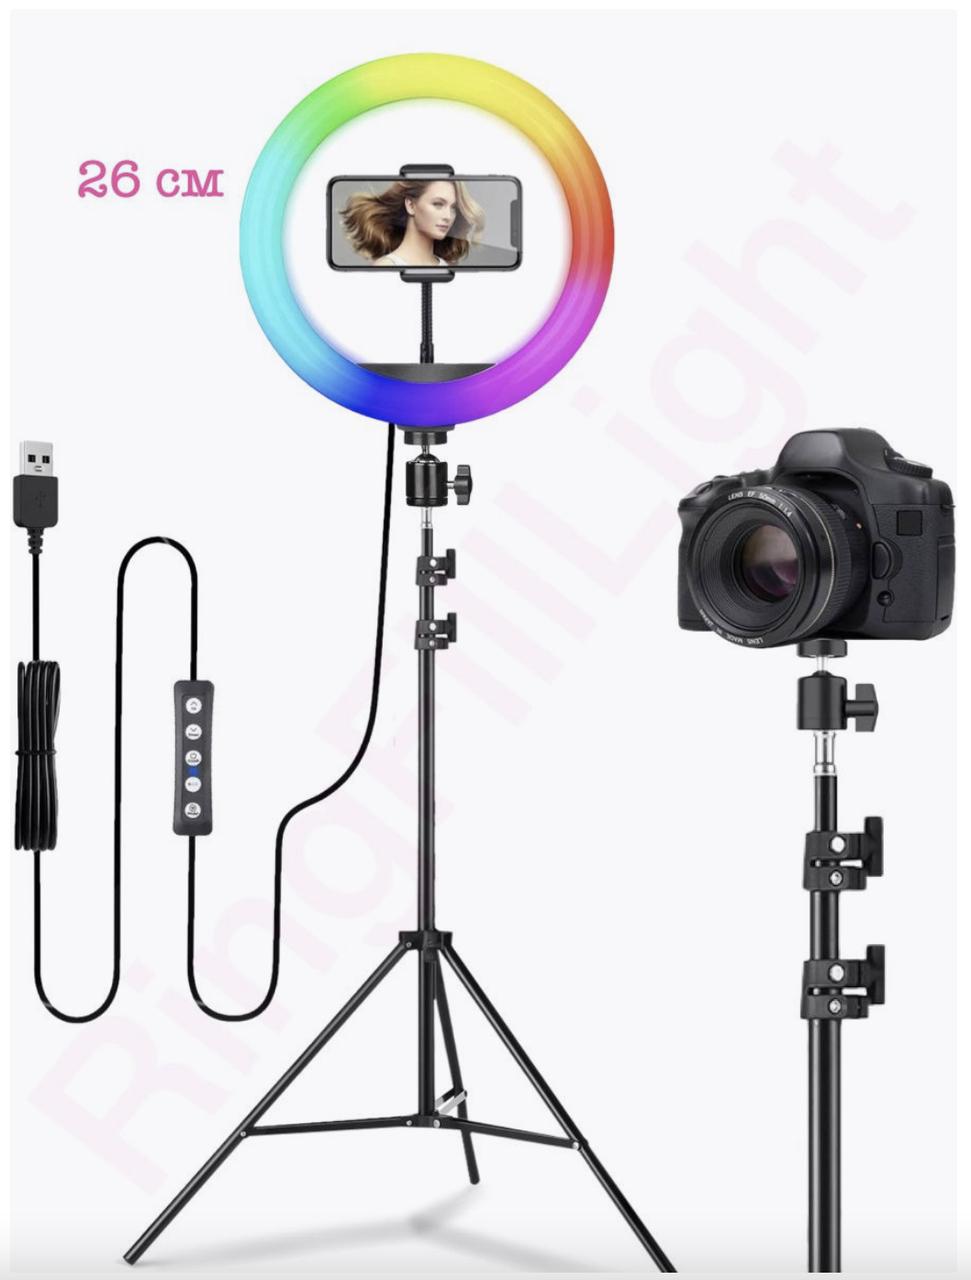 Кольцевая светодиодная лампа цветная (мультиколор) RGB AC Prof 26 см и штатив 2 метра